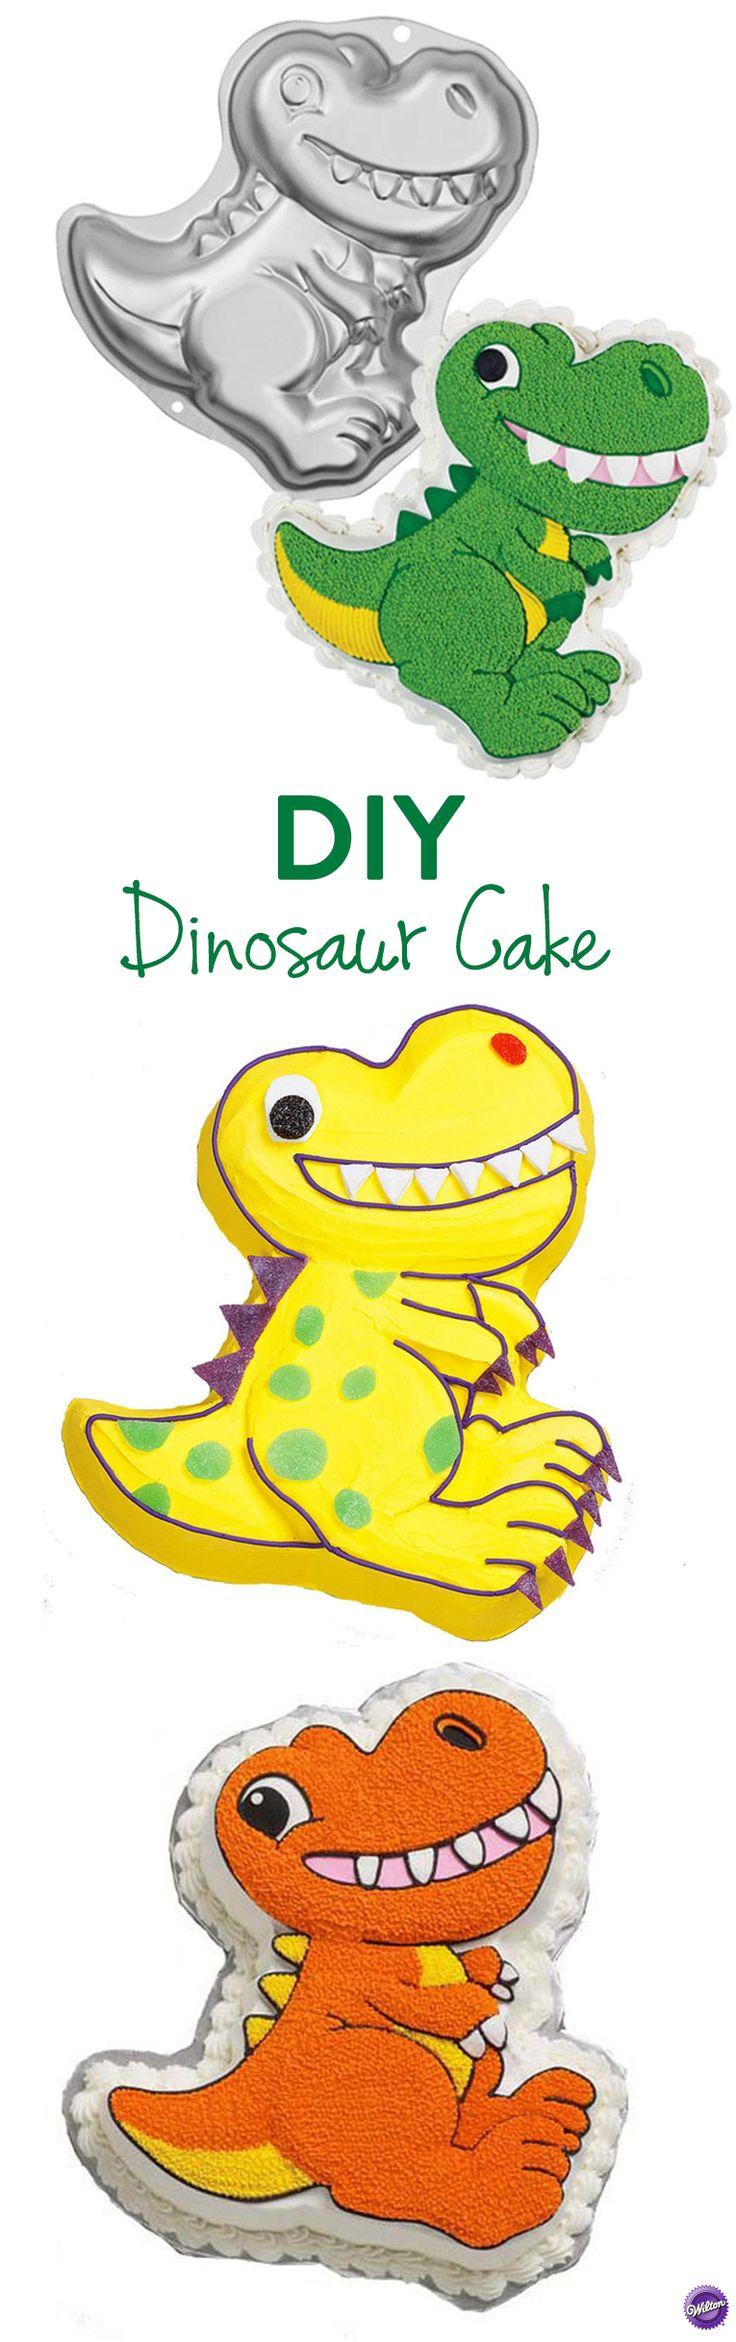 Un gâteau pour vos enfants qui vont rugir de plaisir ;) ! Avec le moule dinosaure Wilton https://www.patissea.com/moule-a-gateau-dinosaure-wilton,fr,4,CSW2105-1022.cfm